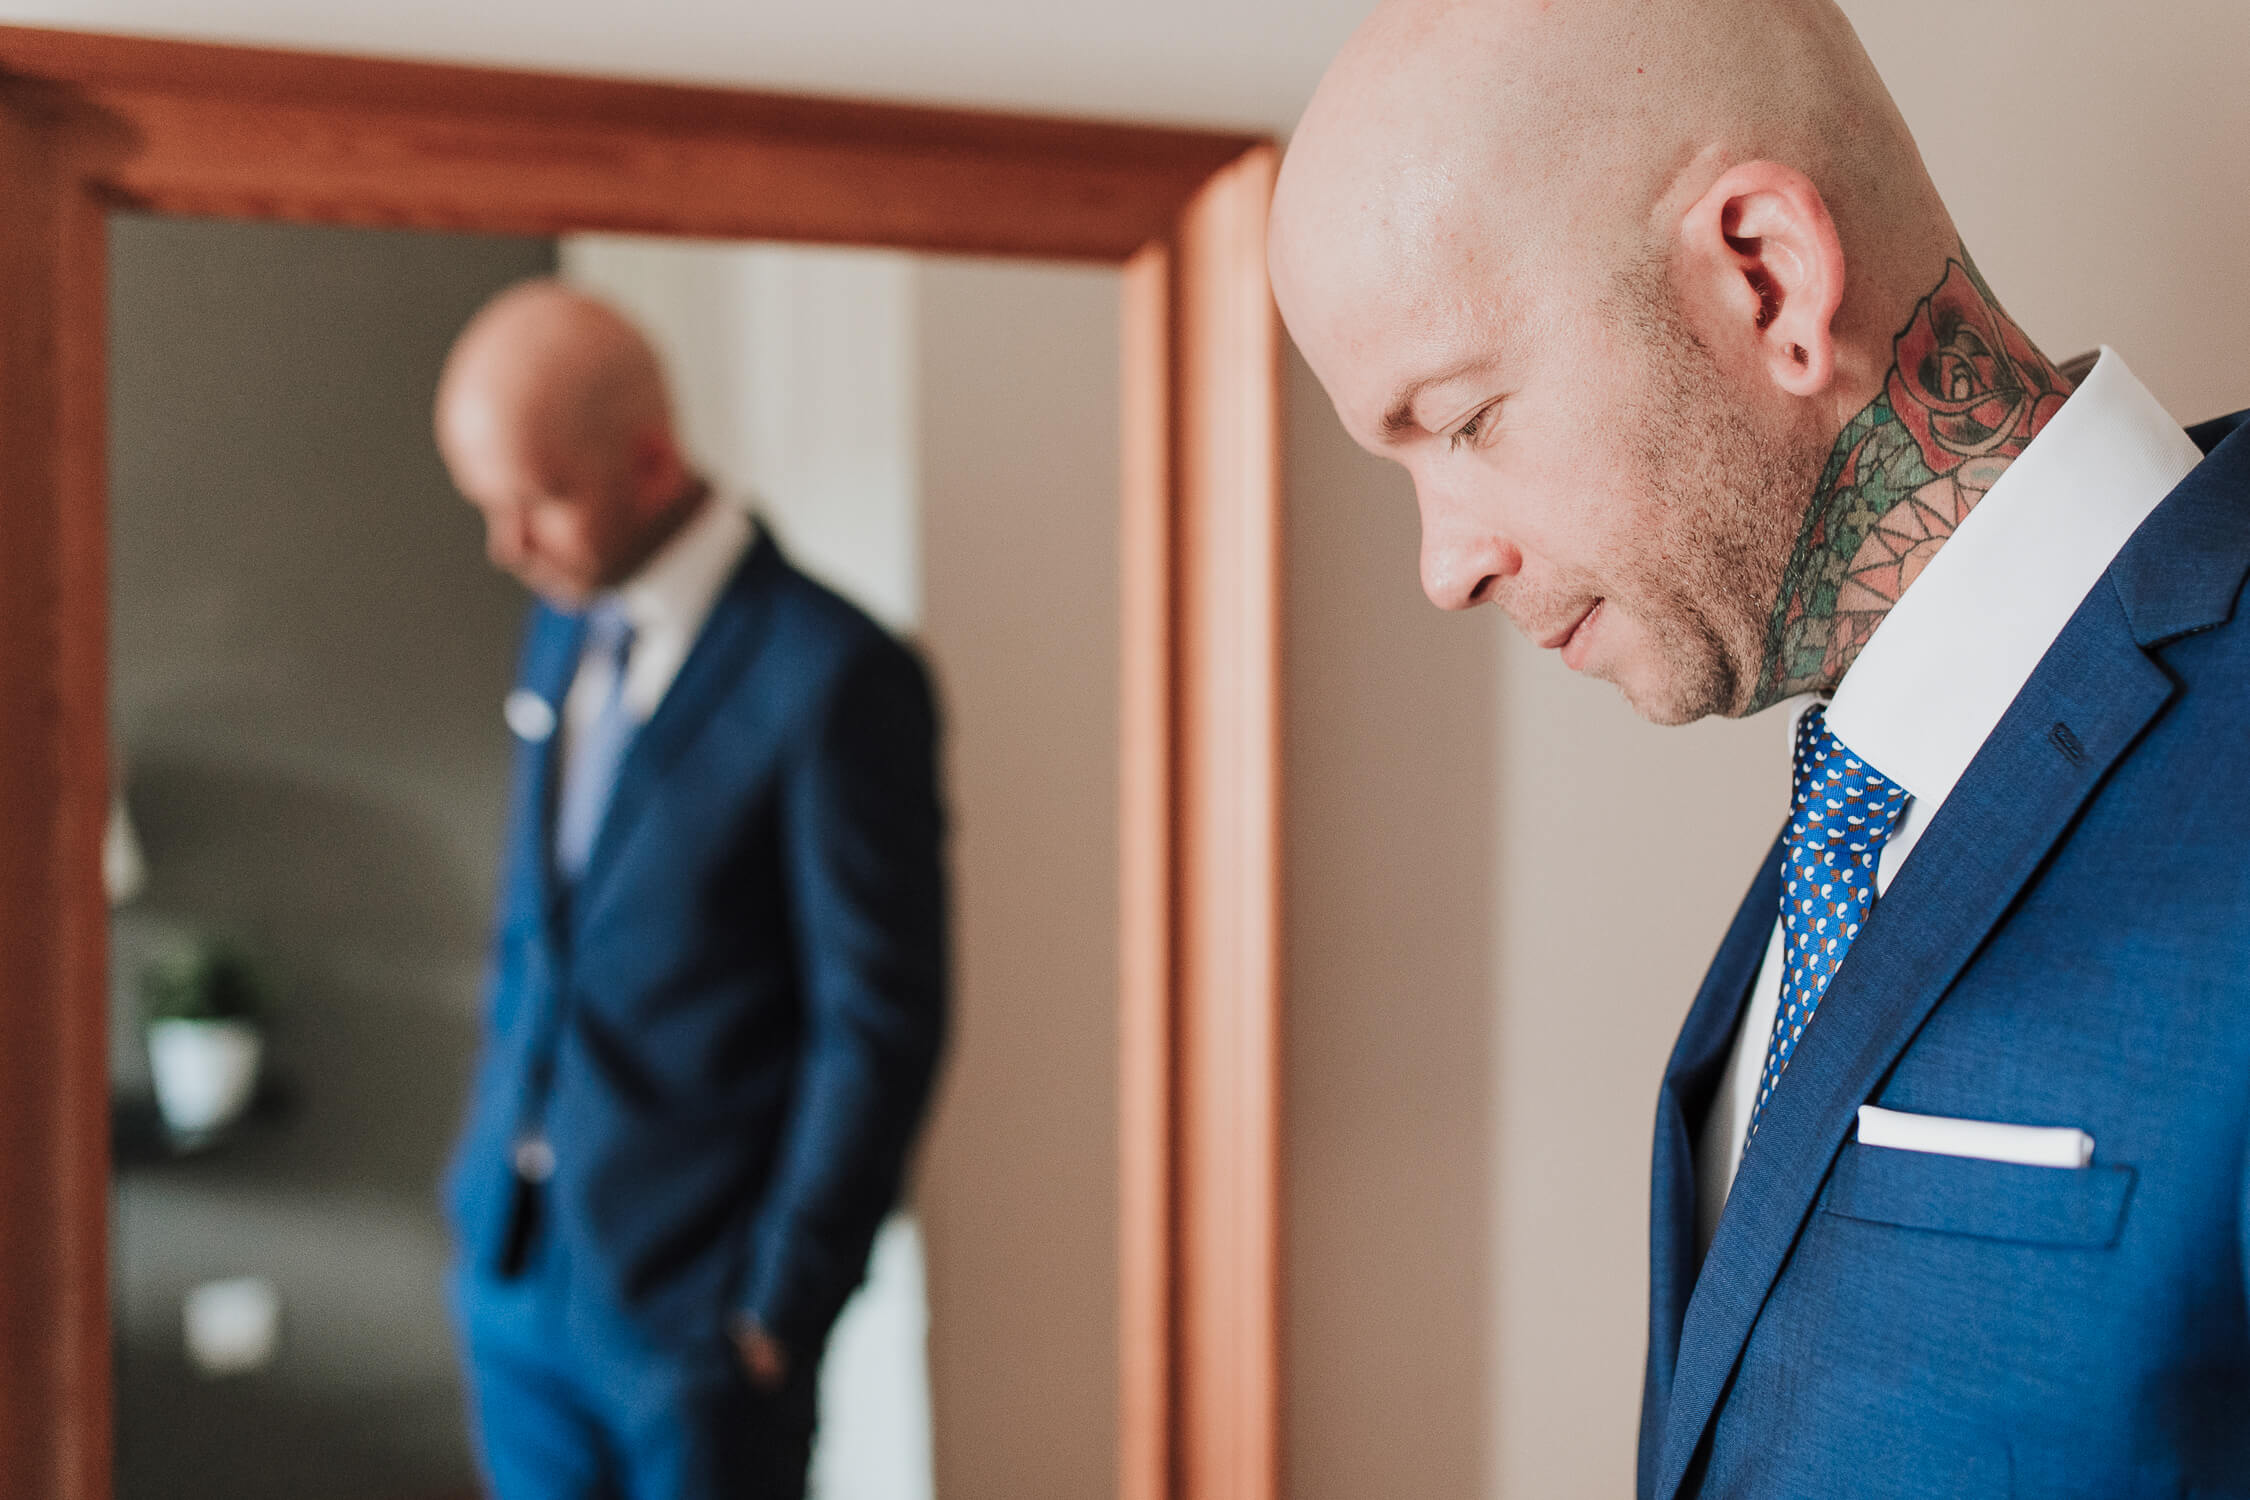 novio delante del espejo BODA EZCARAY HOTEL ECHAURREN